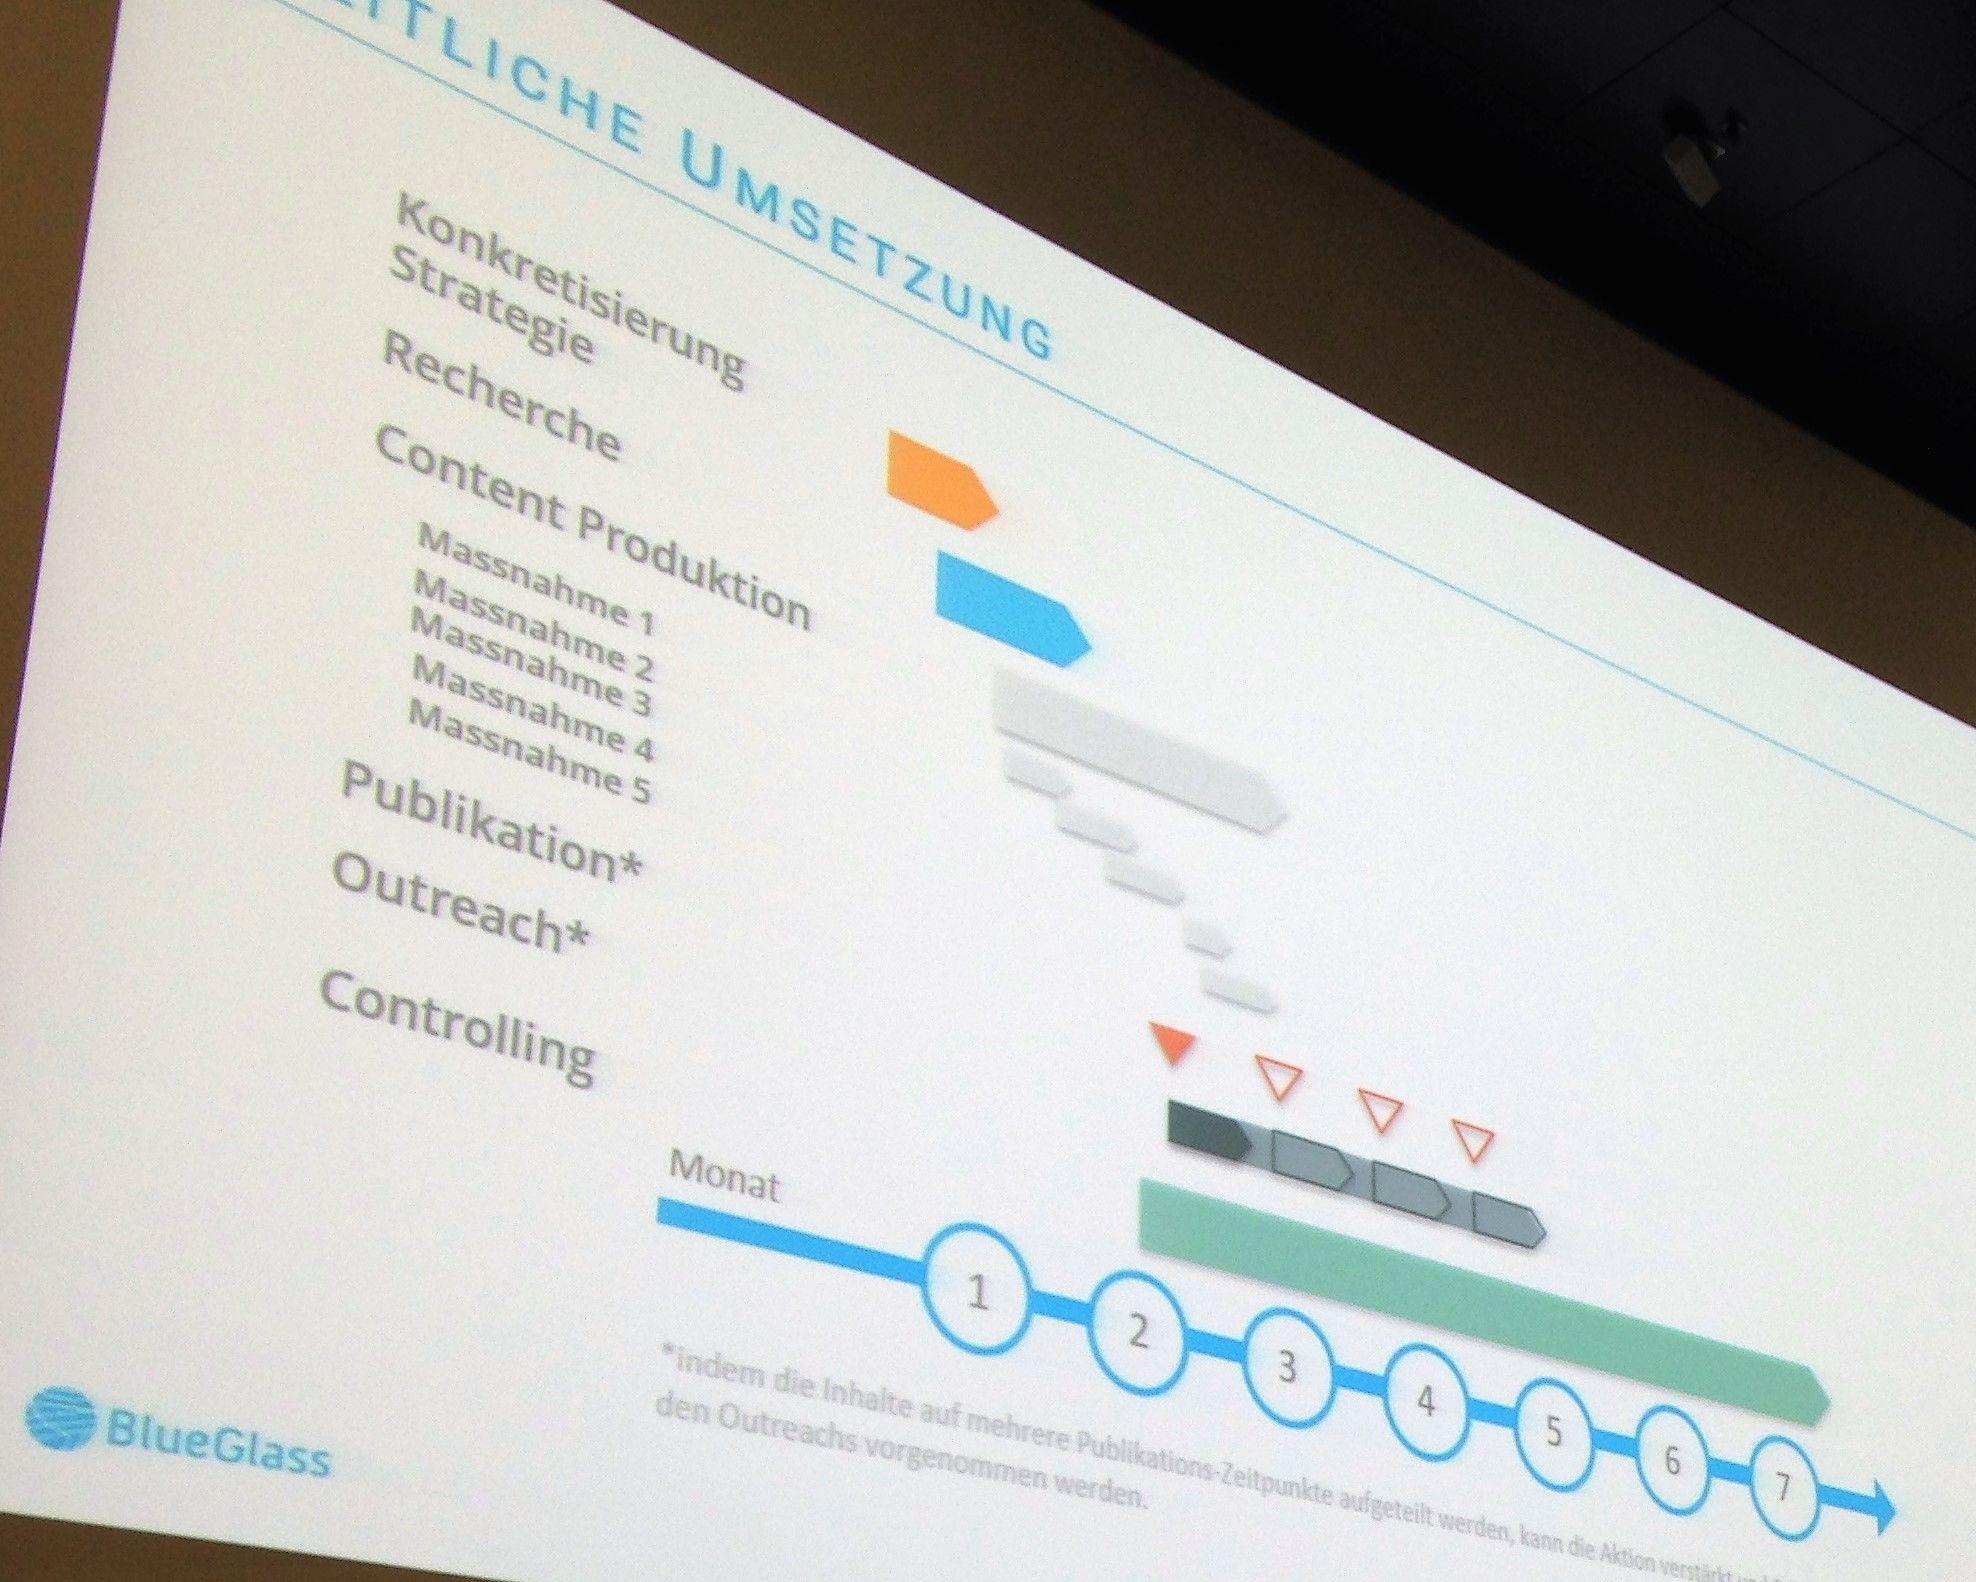 Phasenplan für Linkbuilding und Inbound Marketing kann bis zu 7 Monate sein